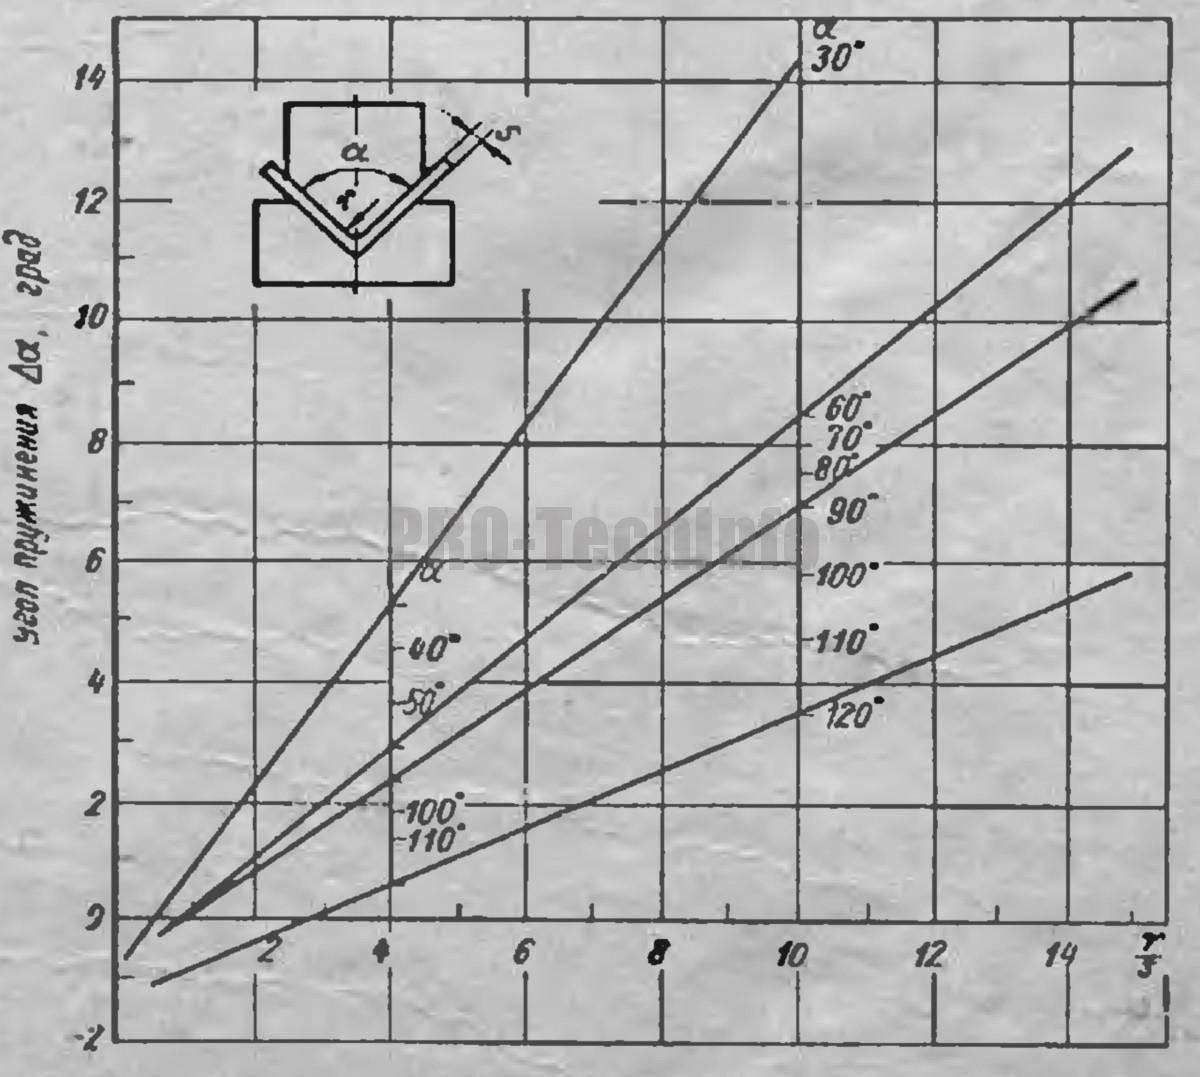 Углы пружинения Δα при гибке деталей из сталей марок Ст.5 и 35